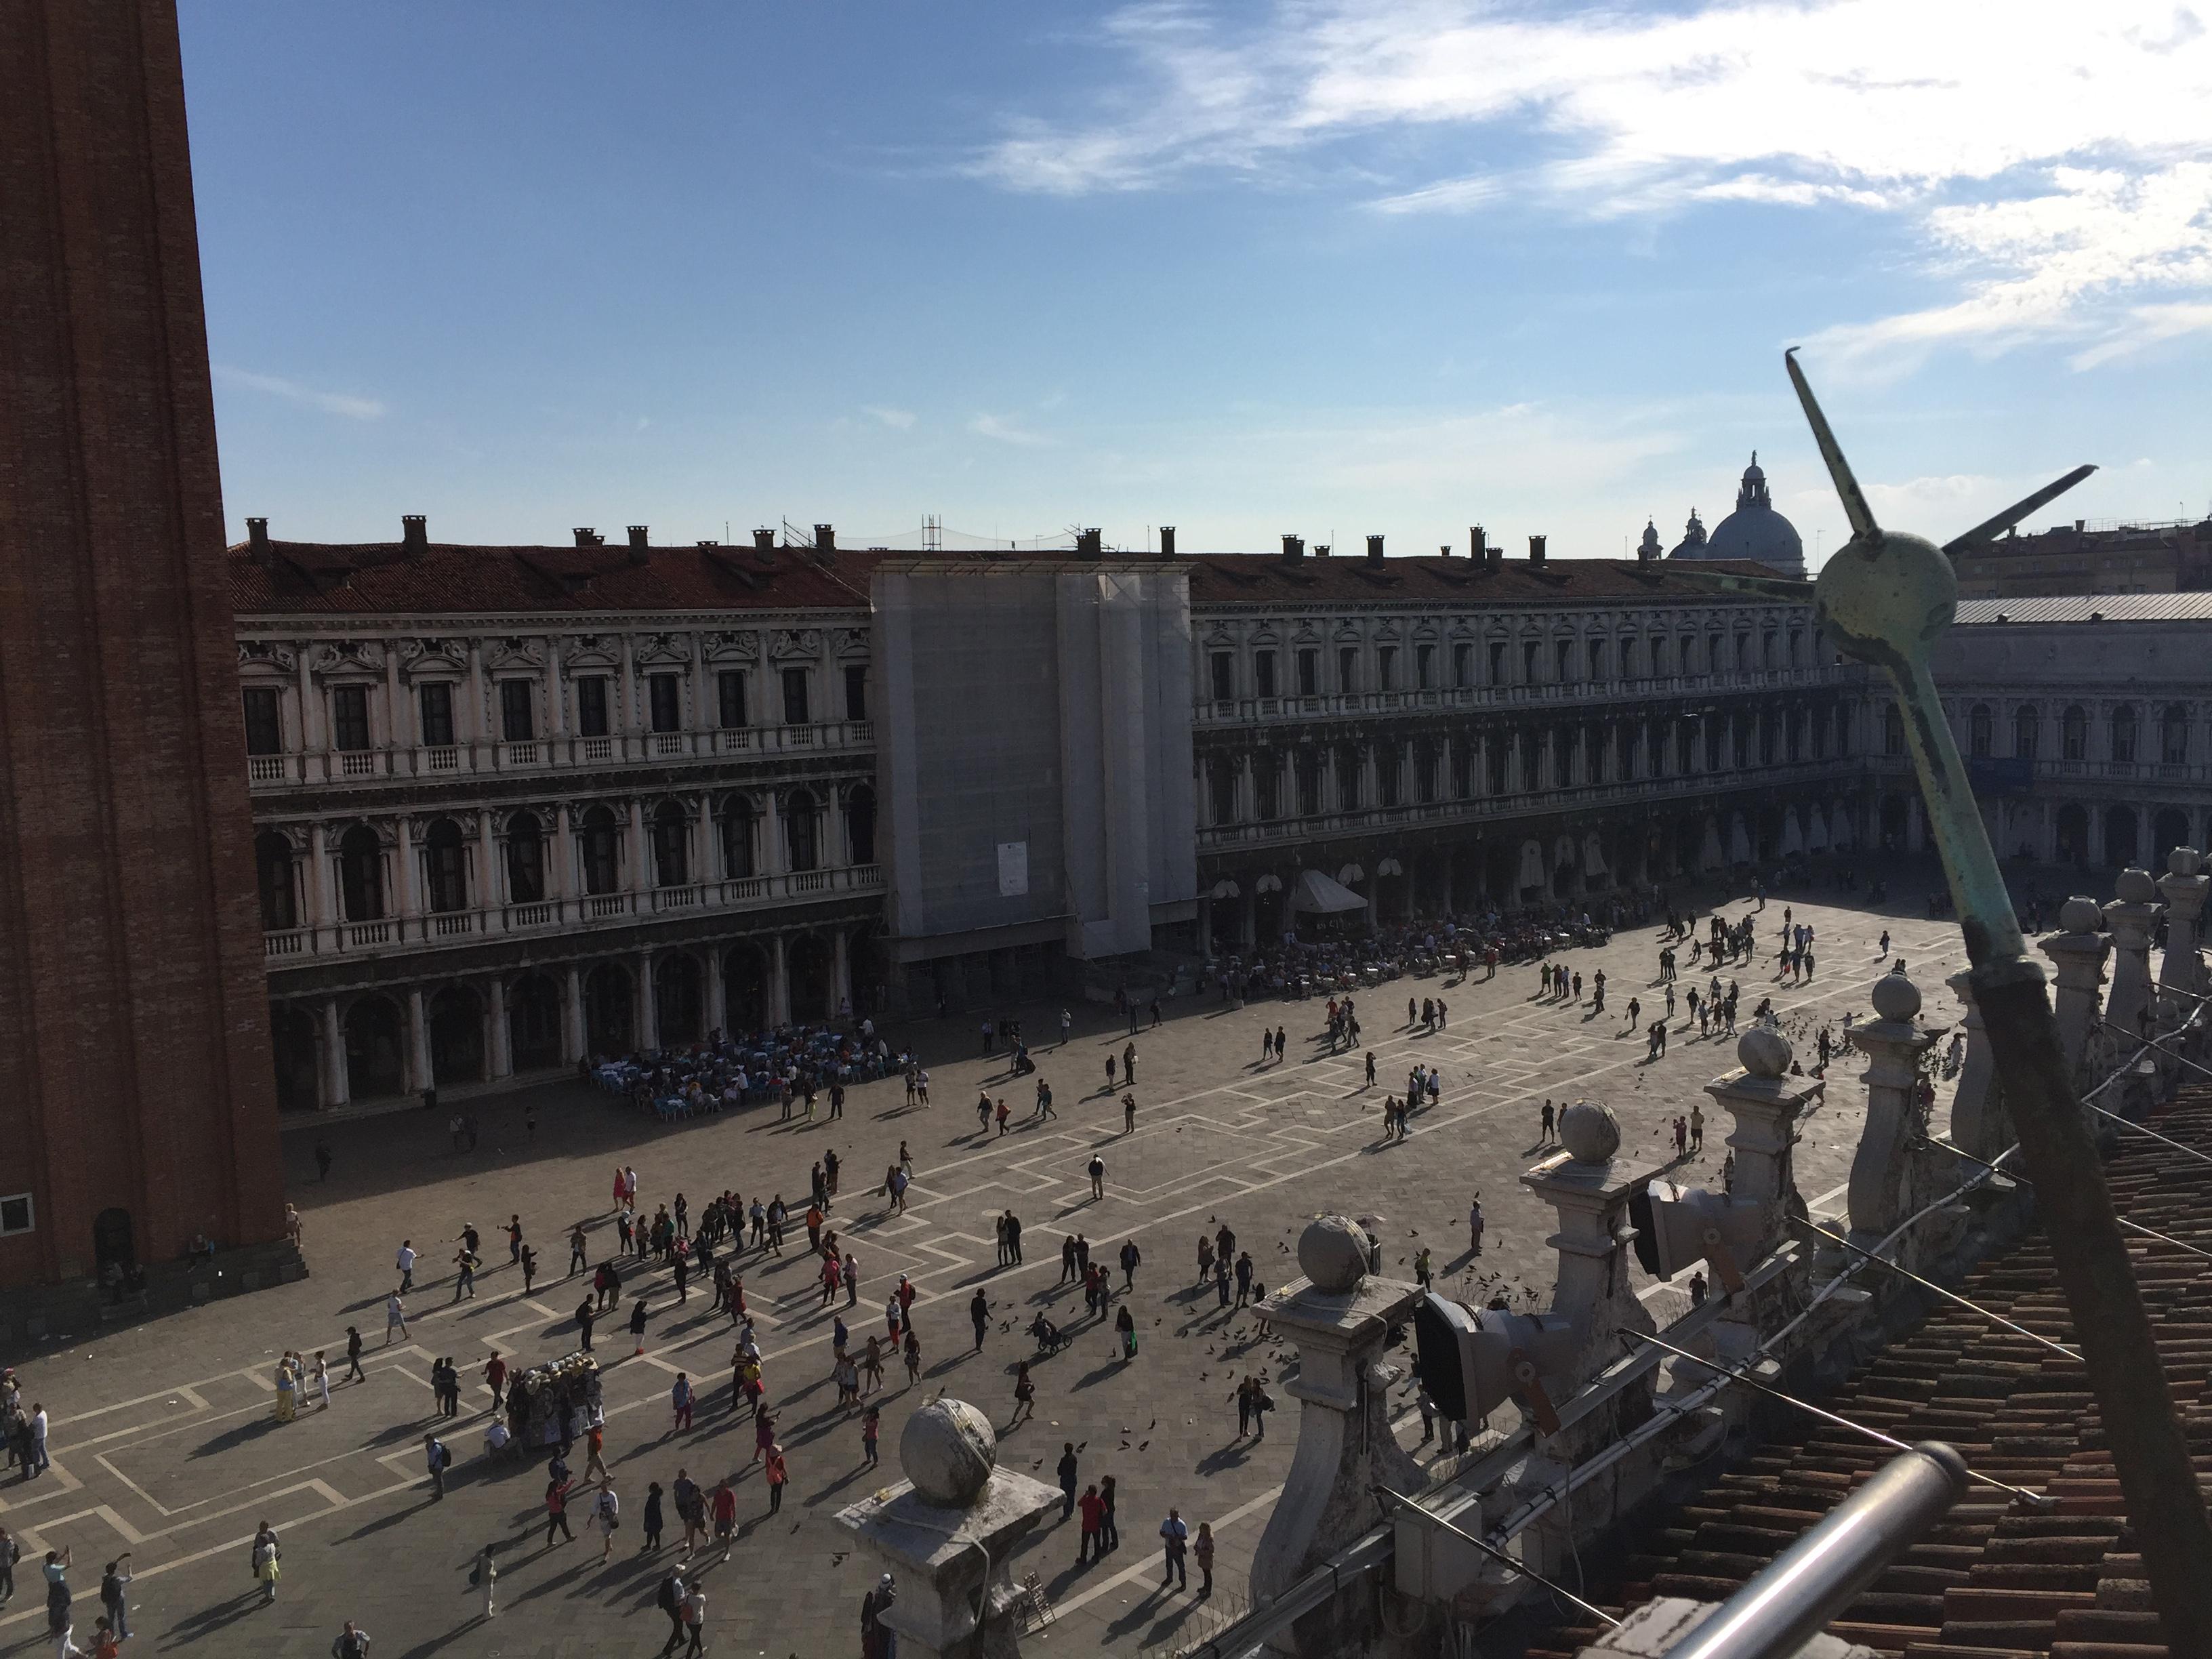 img 1570 - Subiendo al reloj astronómico de Venecia y Panoramica de la Piazza San Marcos